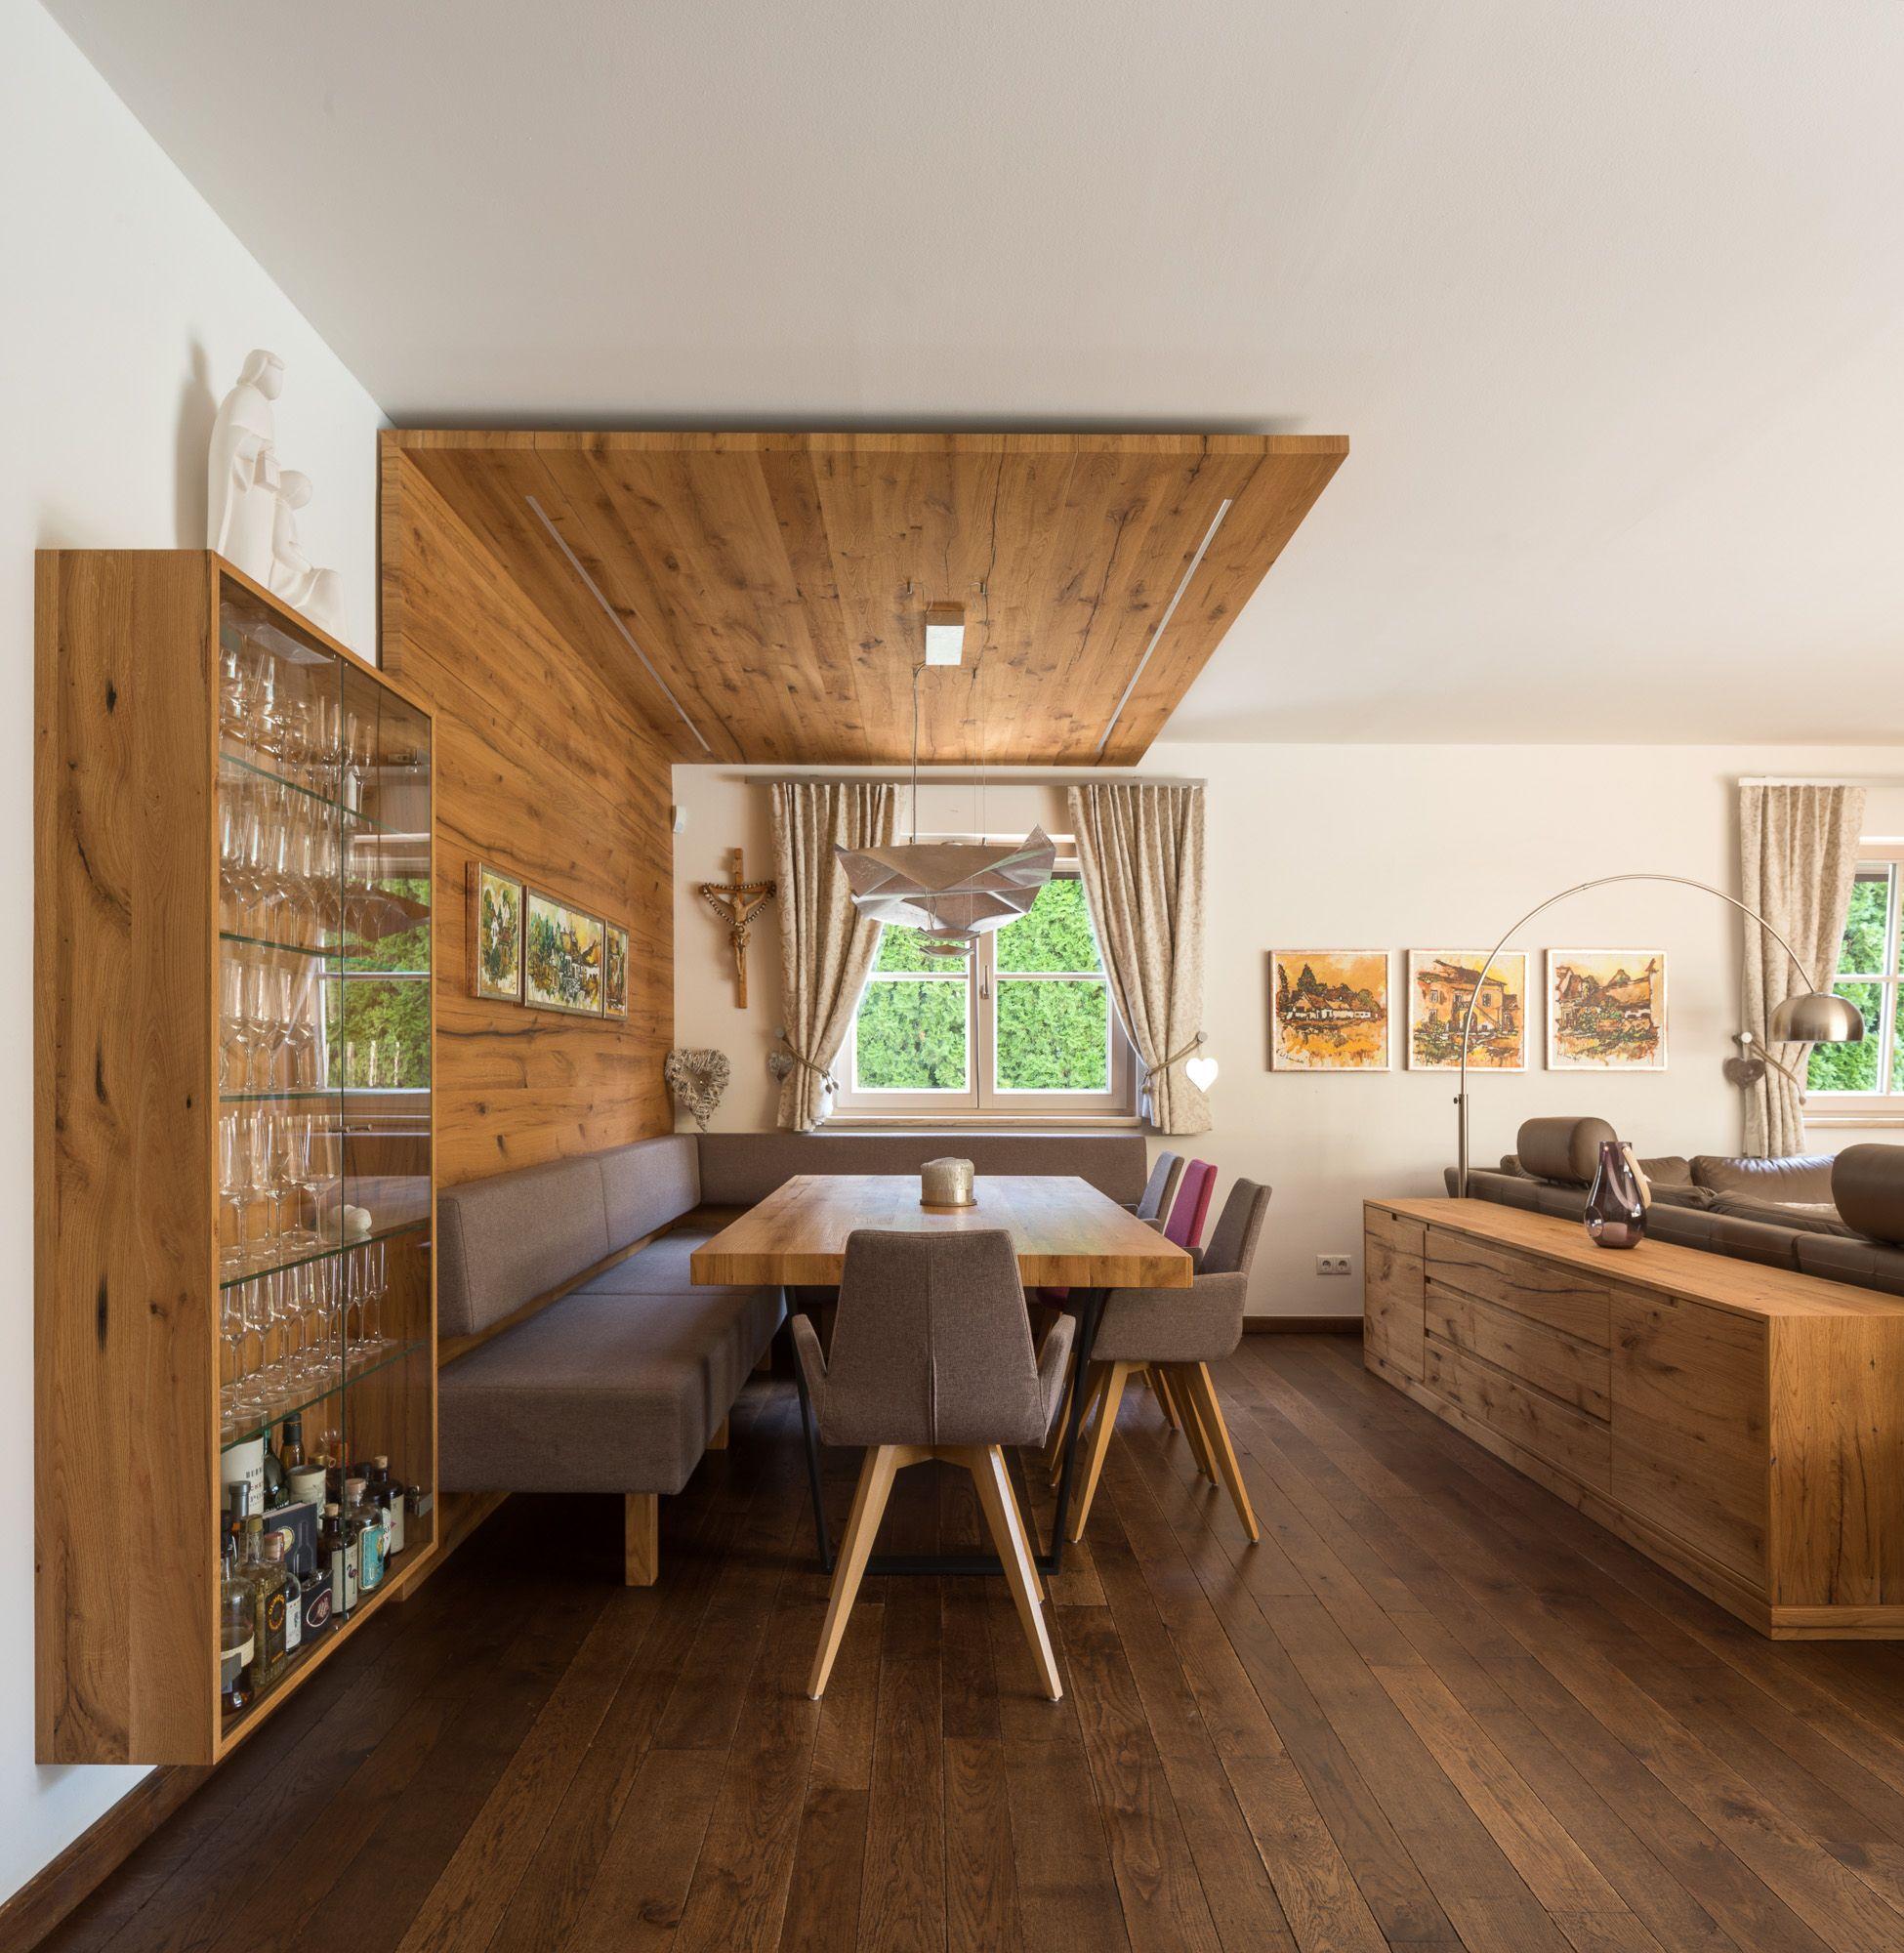 Ess-/Wohnzimmer in Altholz-Eiche gebürstet mit Wand- und